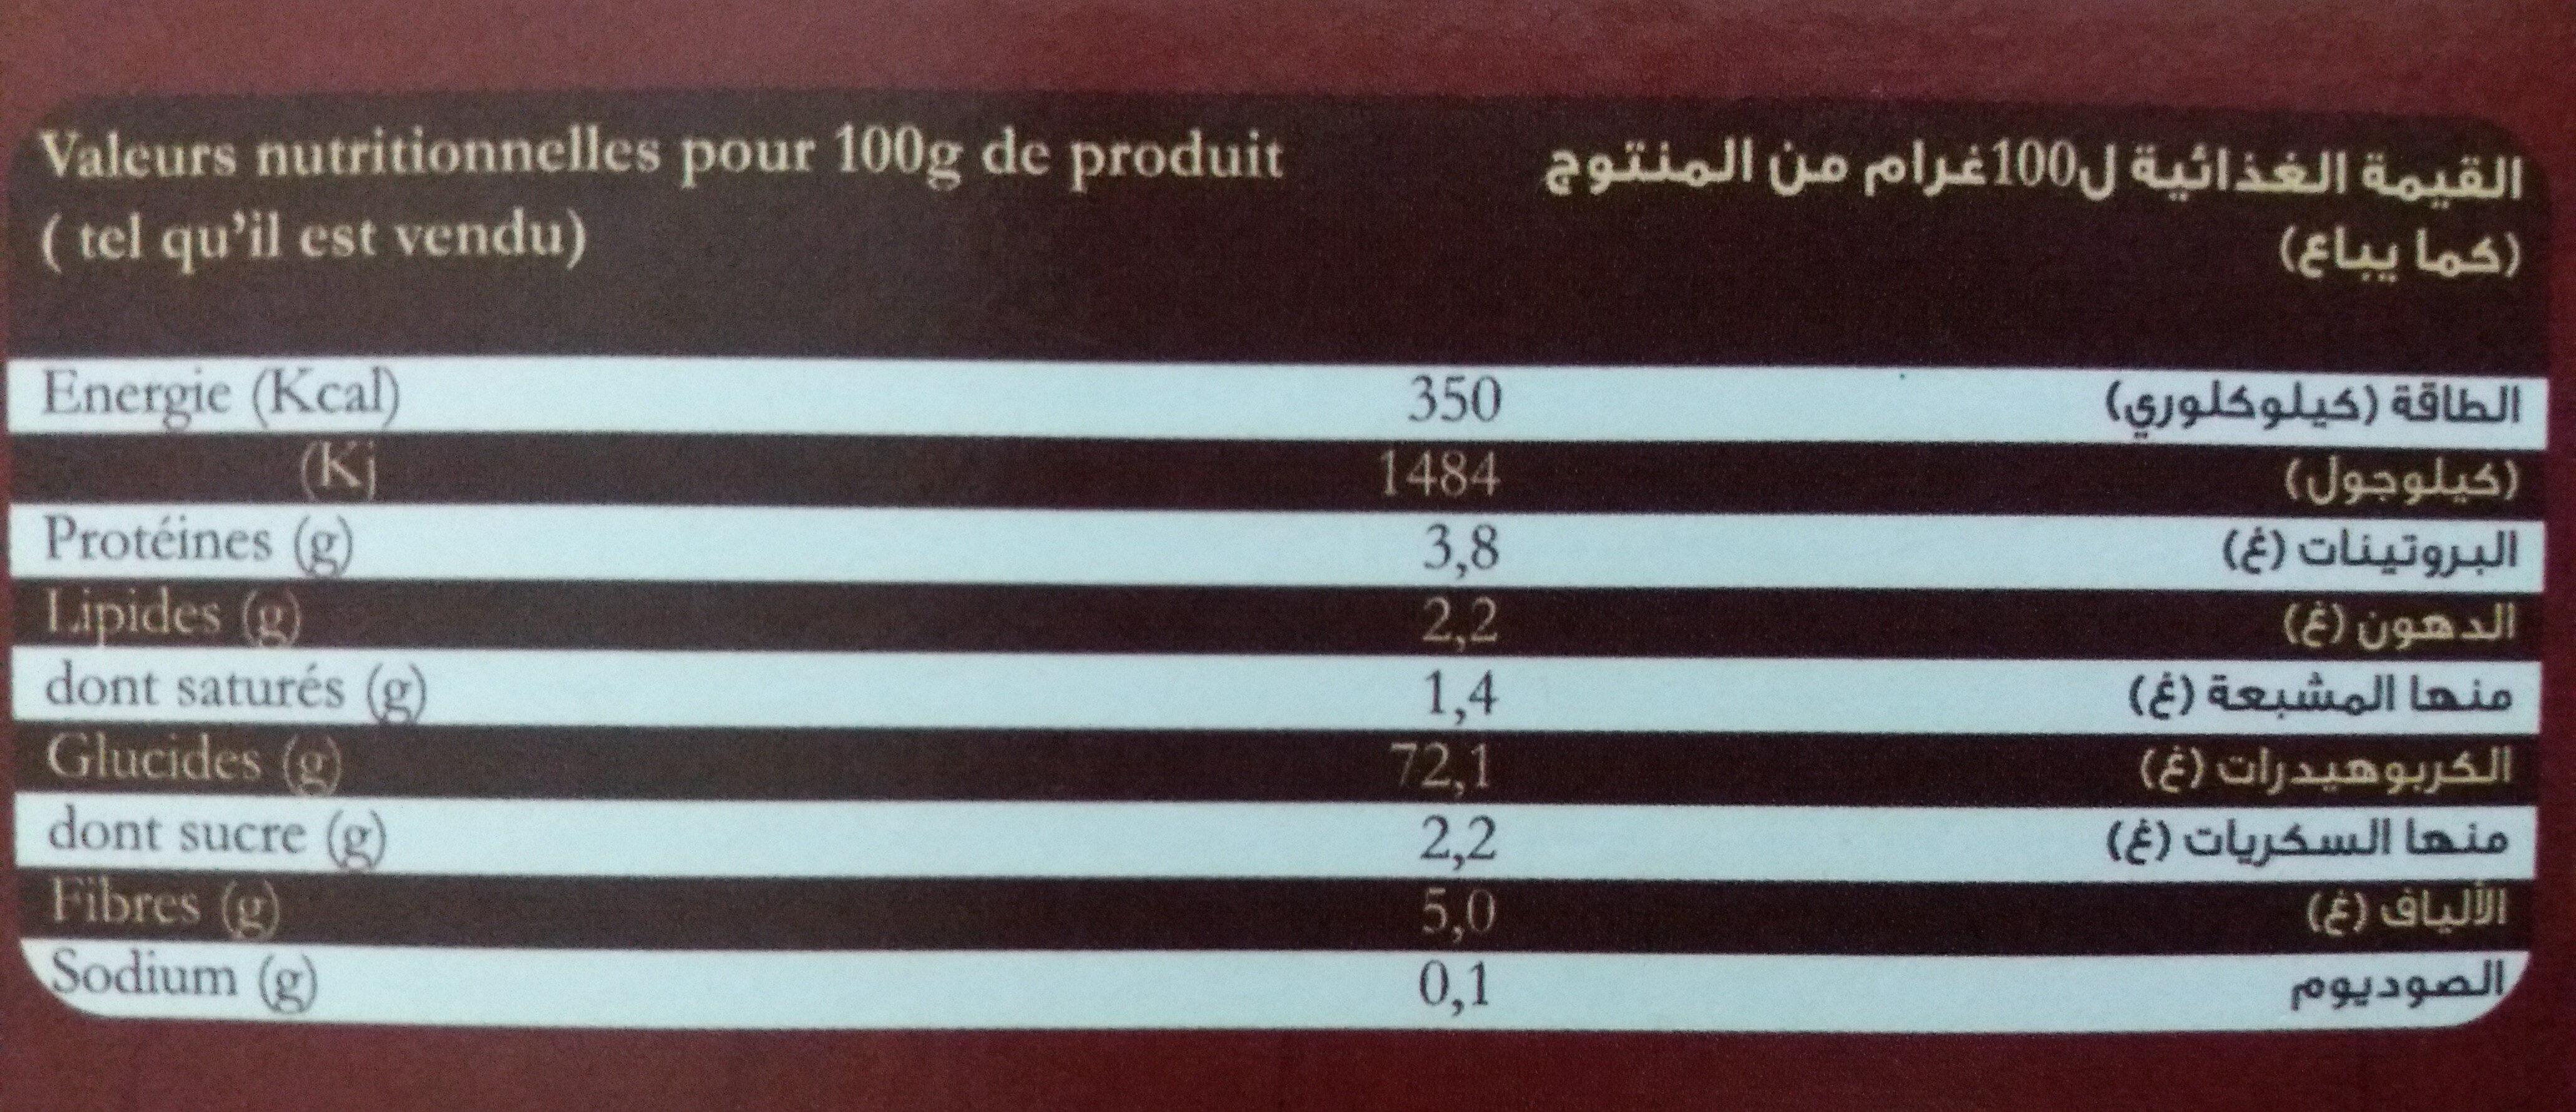 Crème pâtissière - Nutrition facts - fr